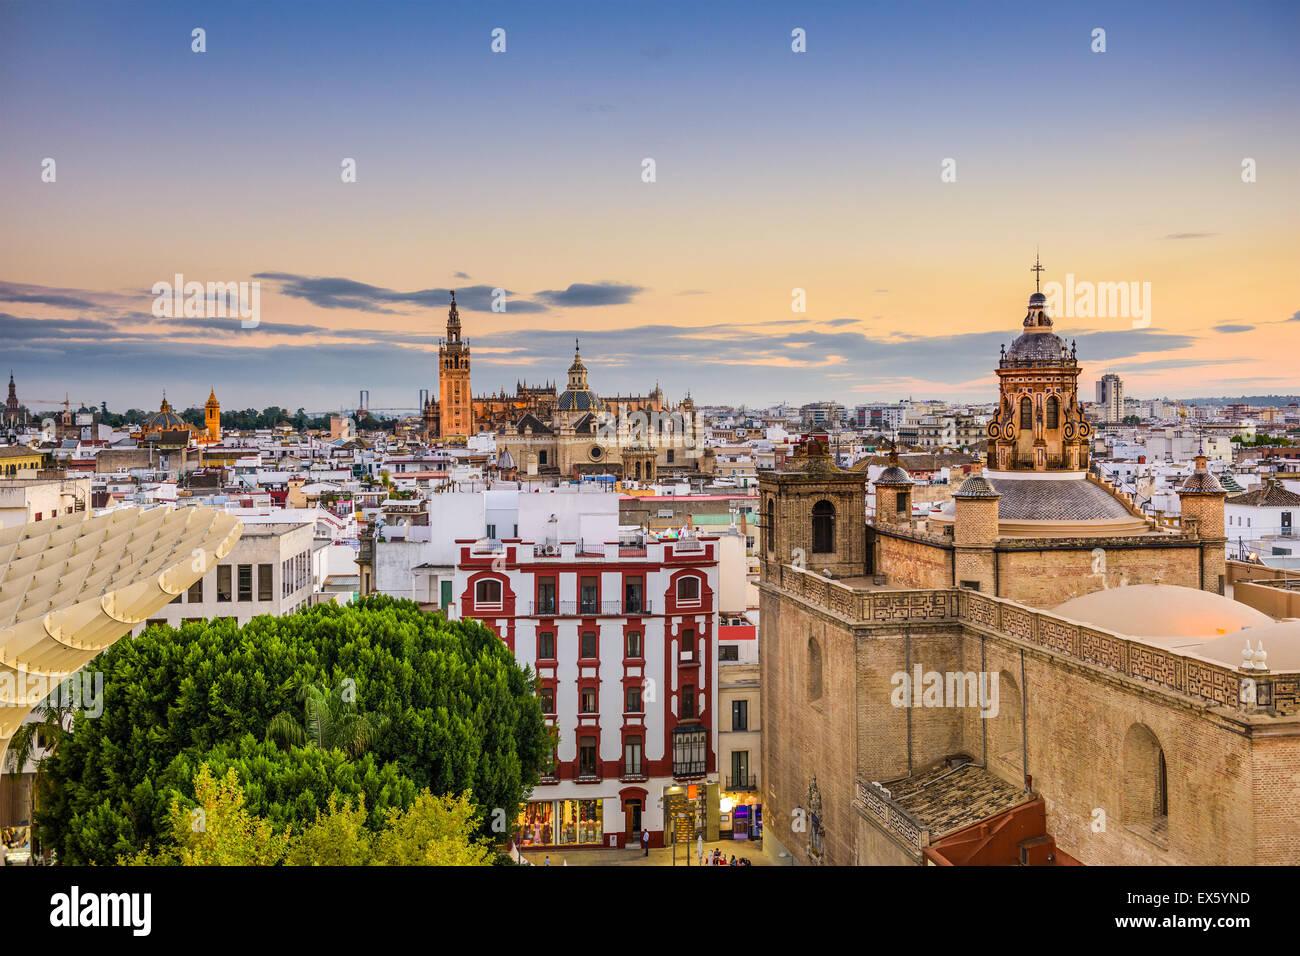 Sevilla, España ciudad vieja ciudad. Imagen De Stock